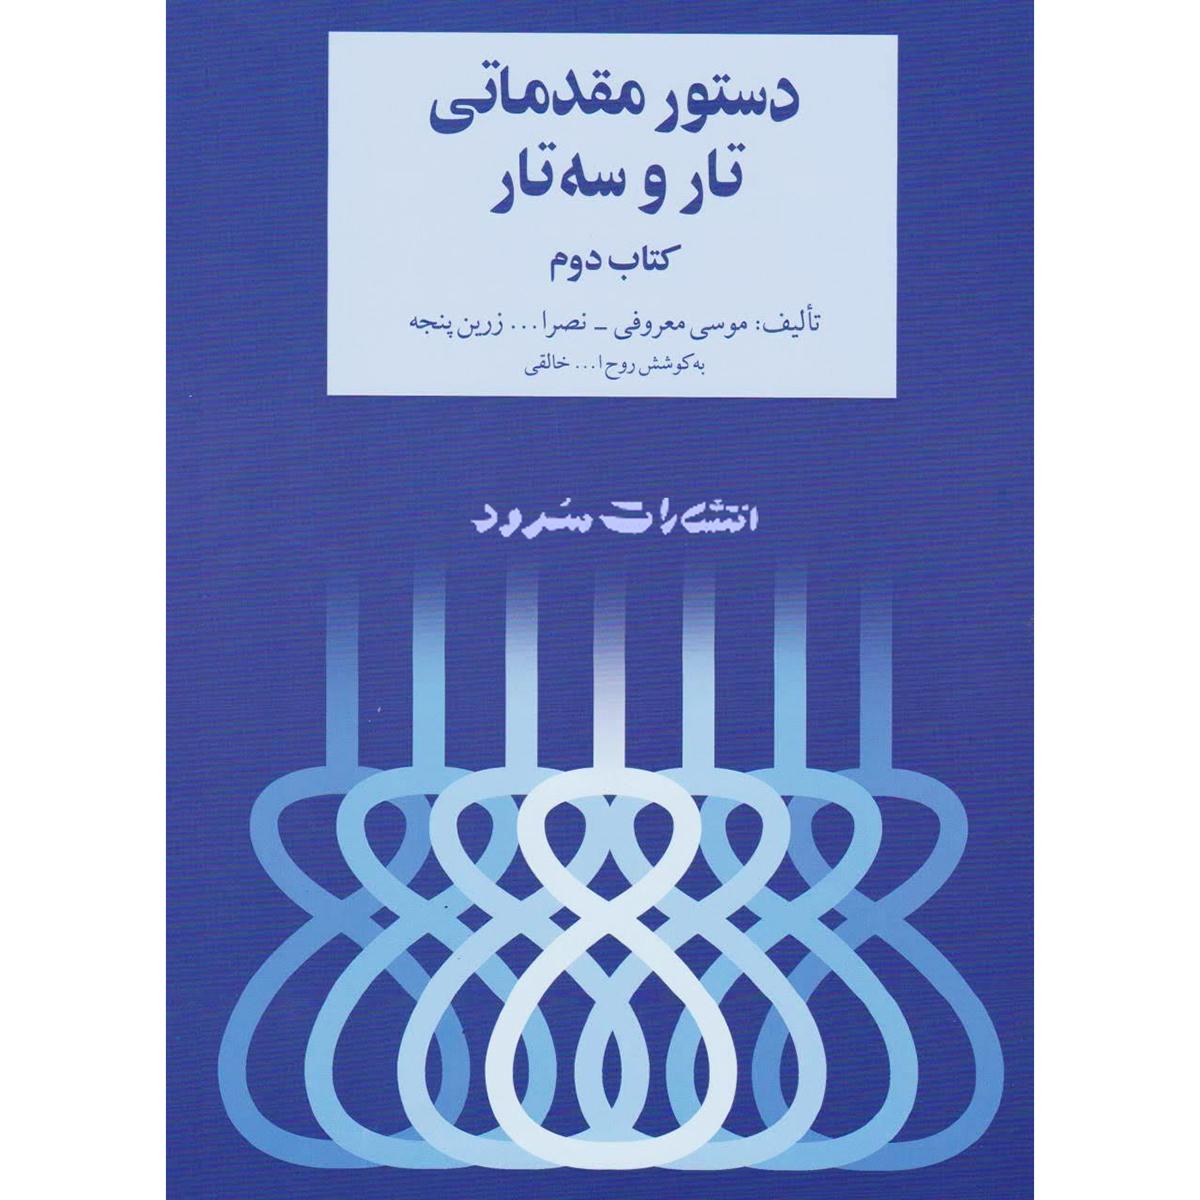 دستور مقدماتی تار و سه تار اثر موسی معروفی و نصر الله زرین پنجه نشر سرود جلد 2